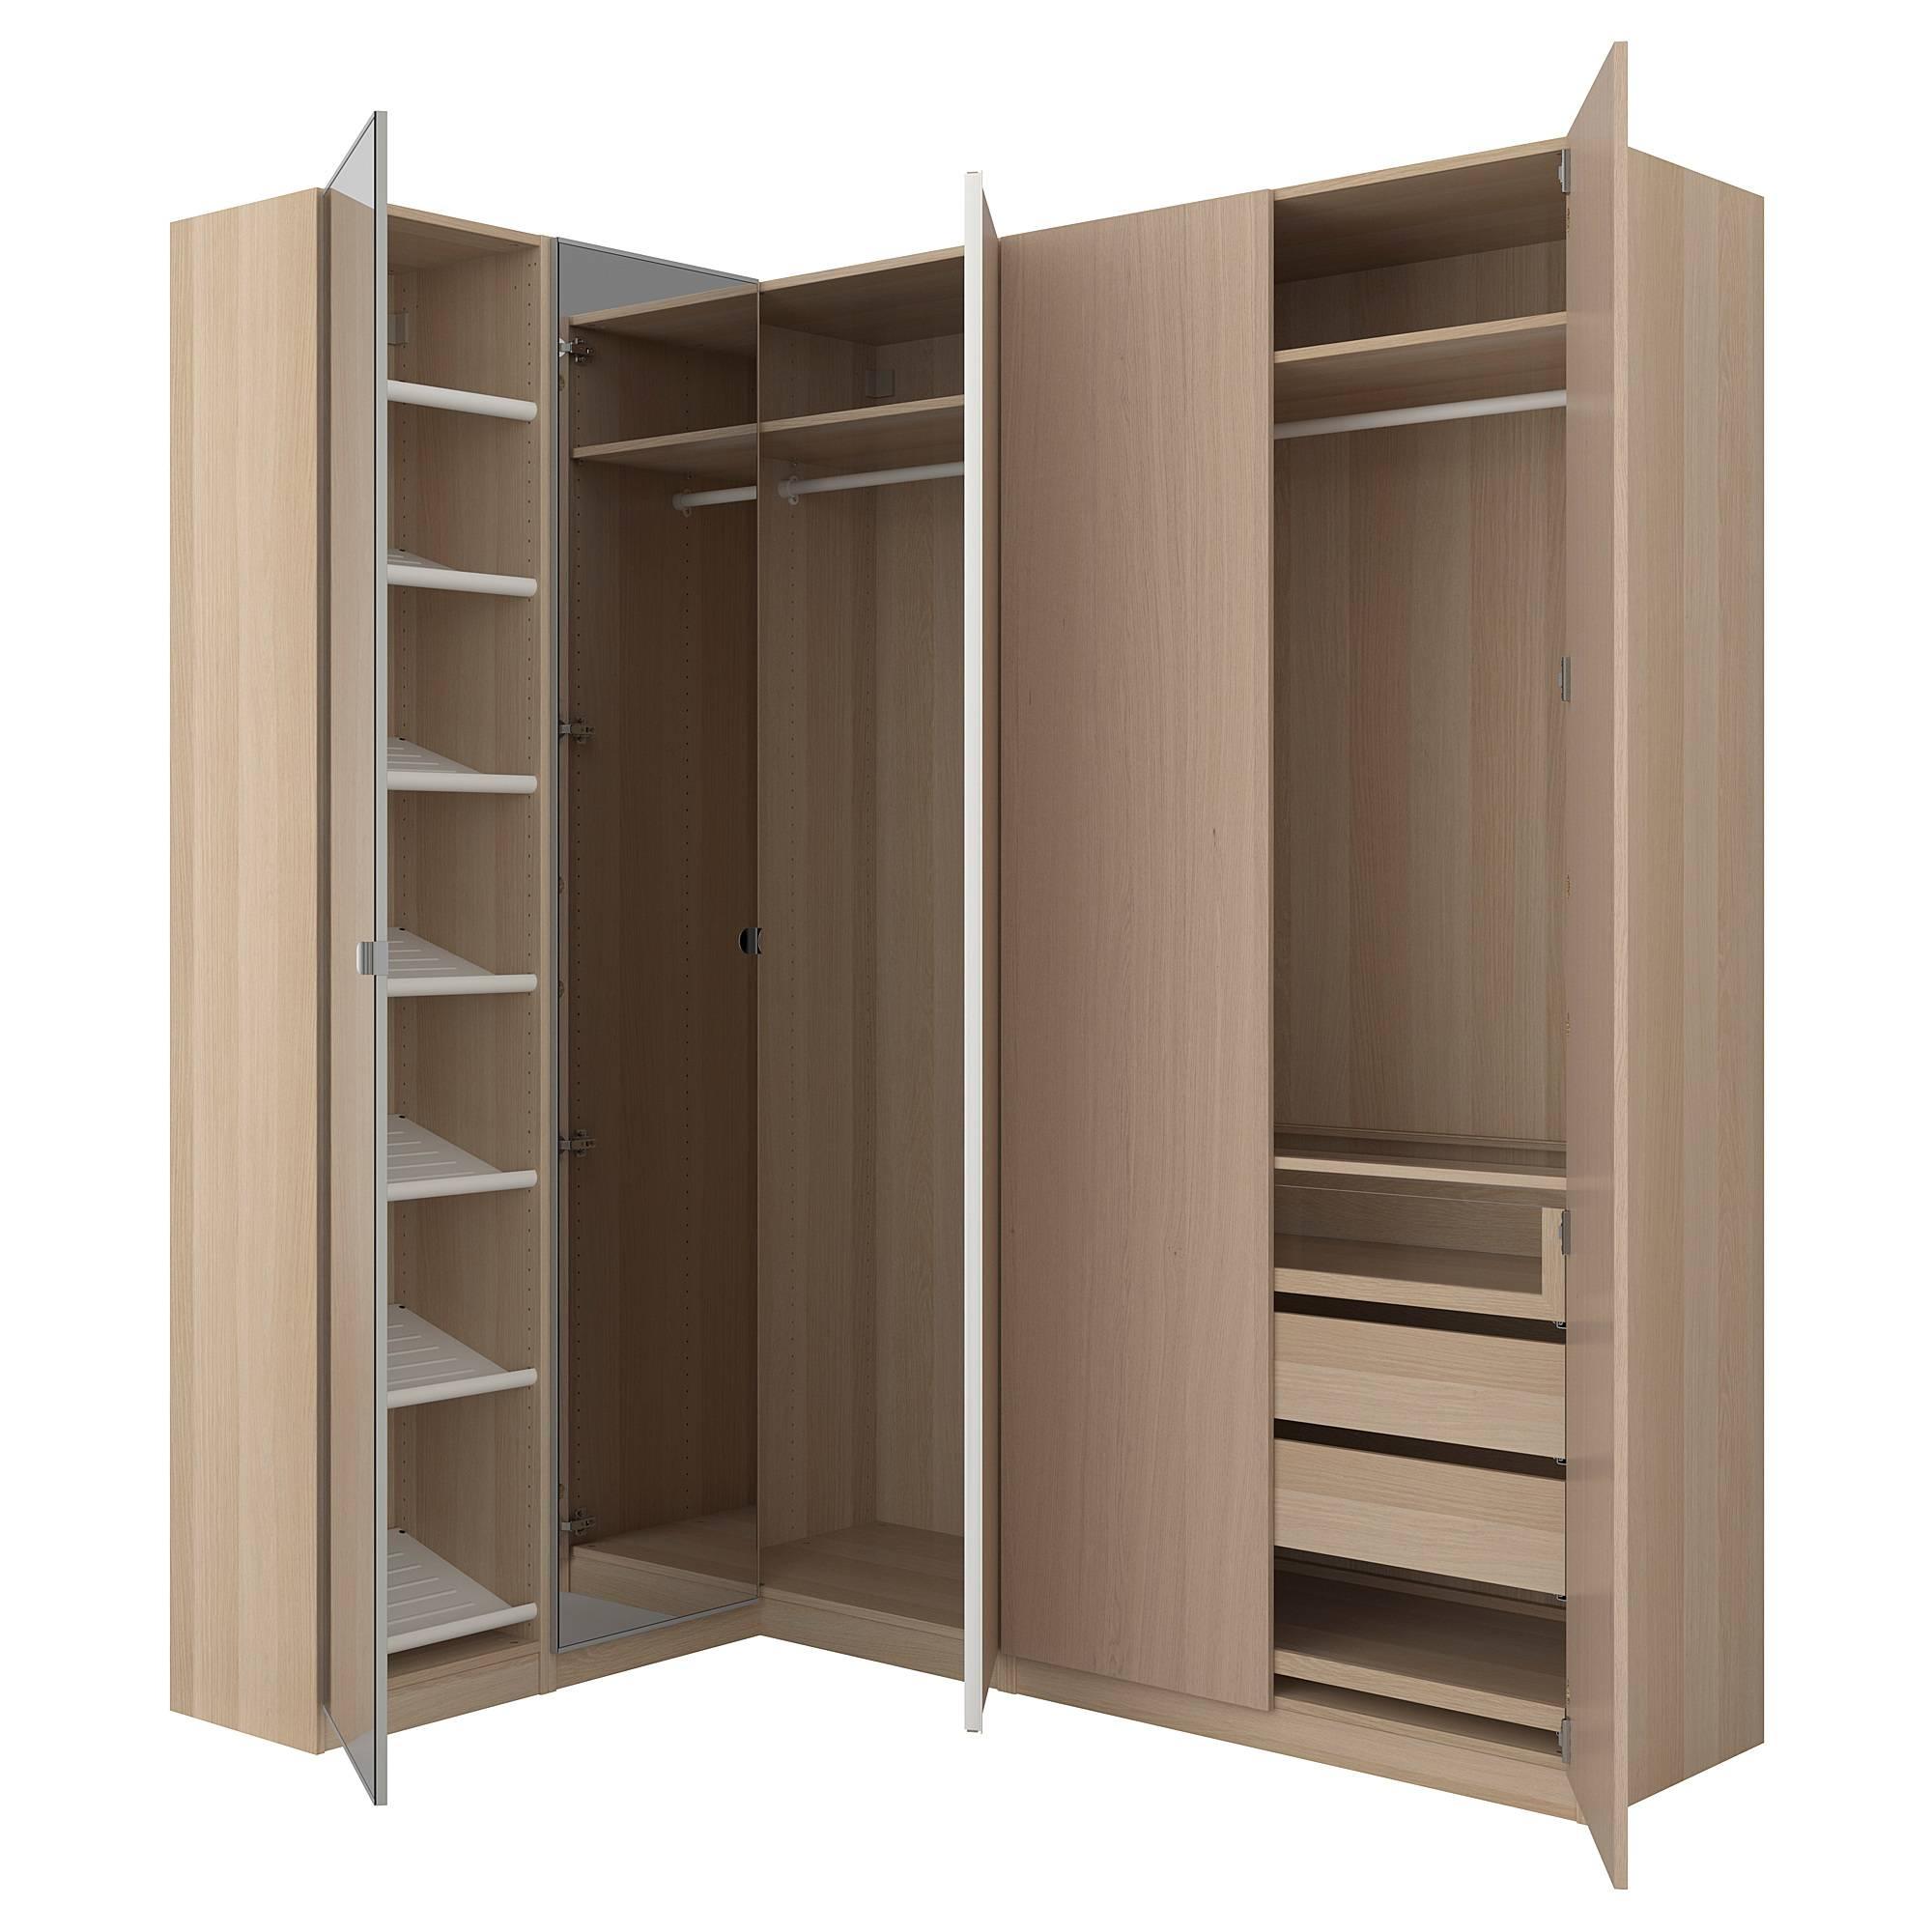 Corner Wardrobes with regard to Corner Wardrobes (Image 5 of 15)